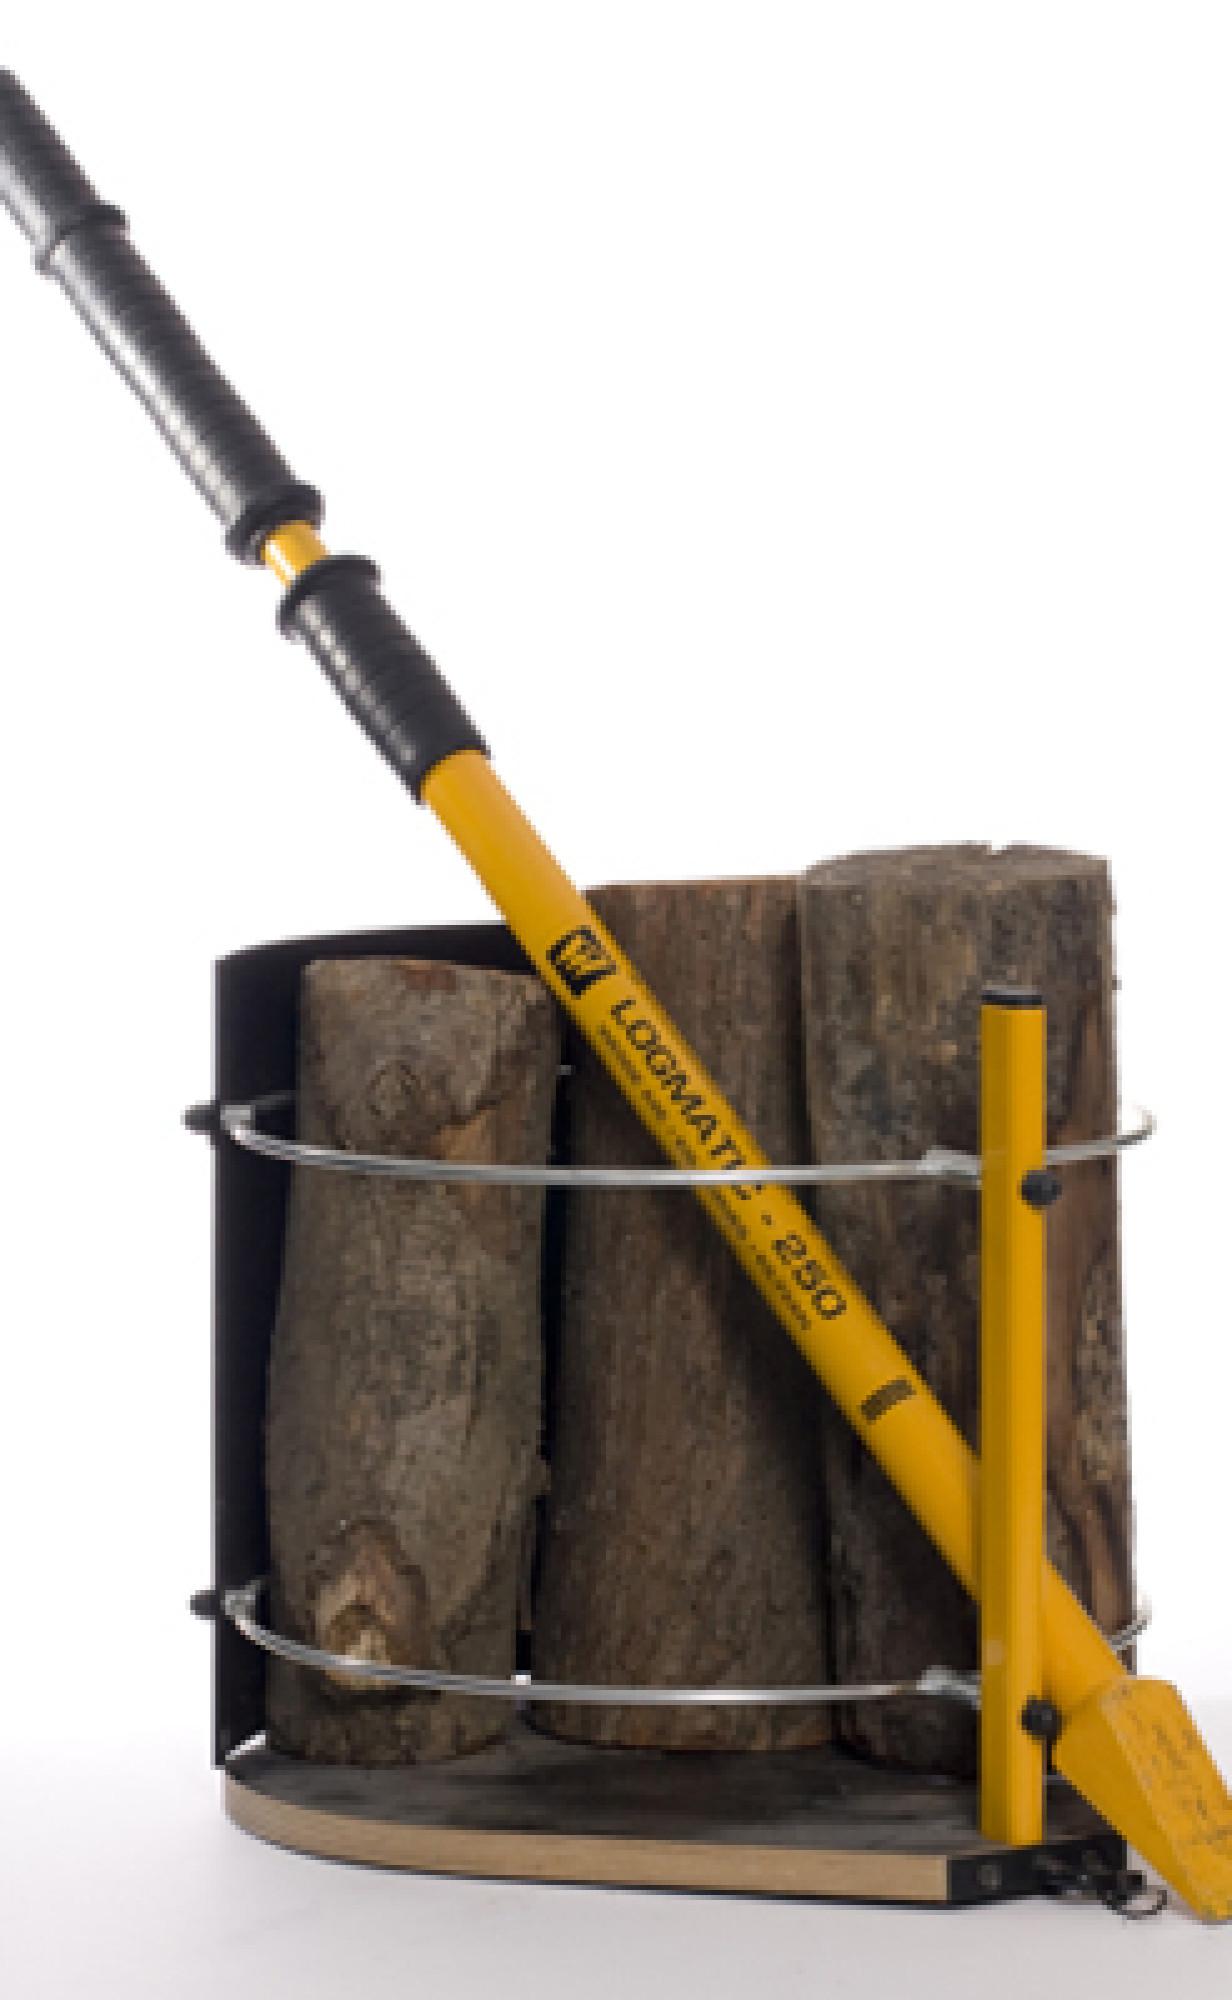 tibas-houtklover-logmatic-houthakken